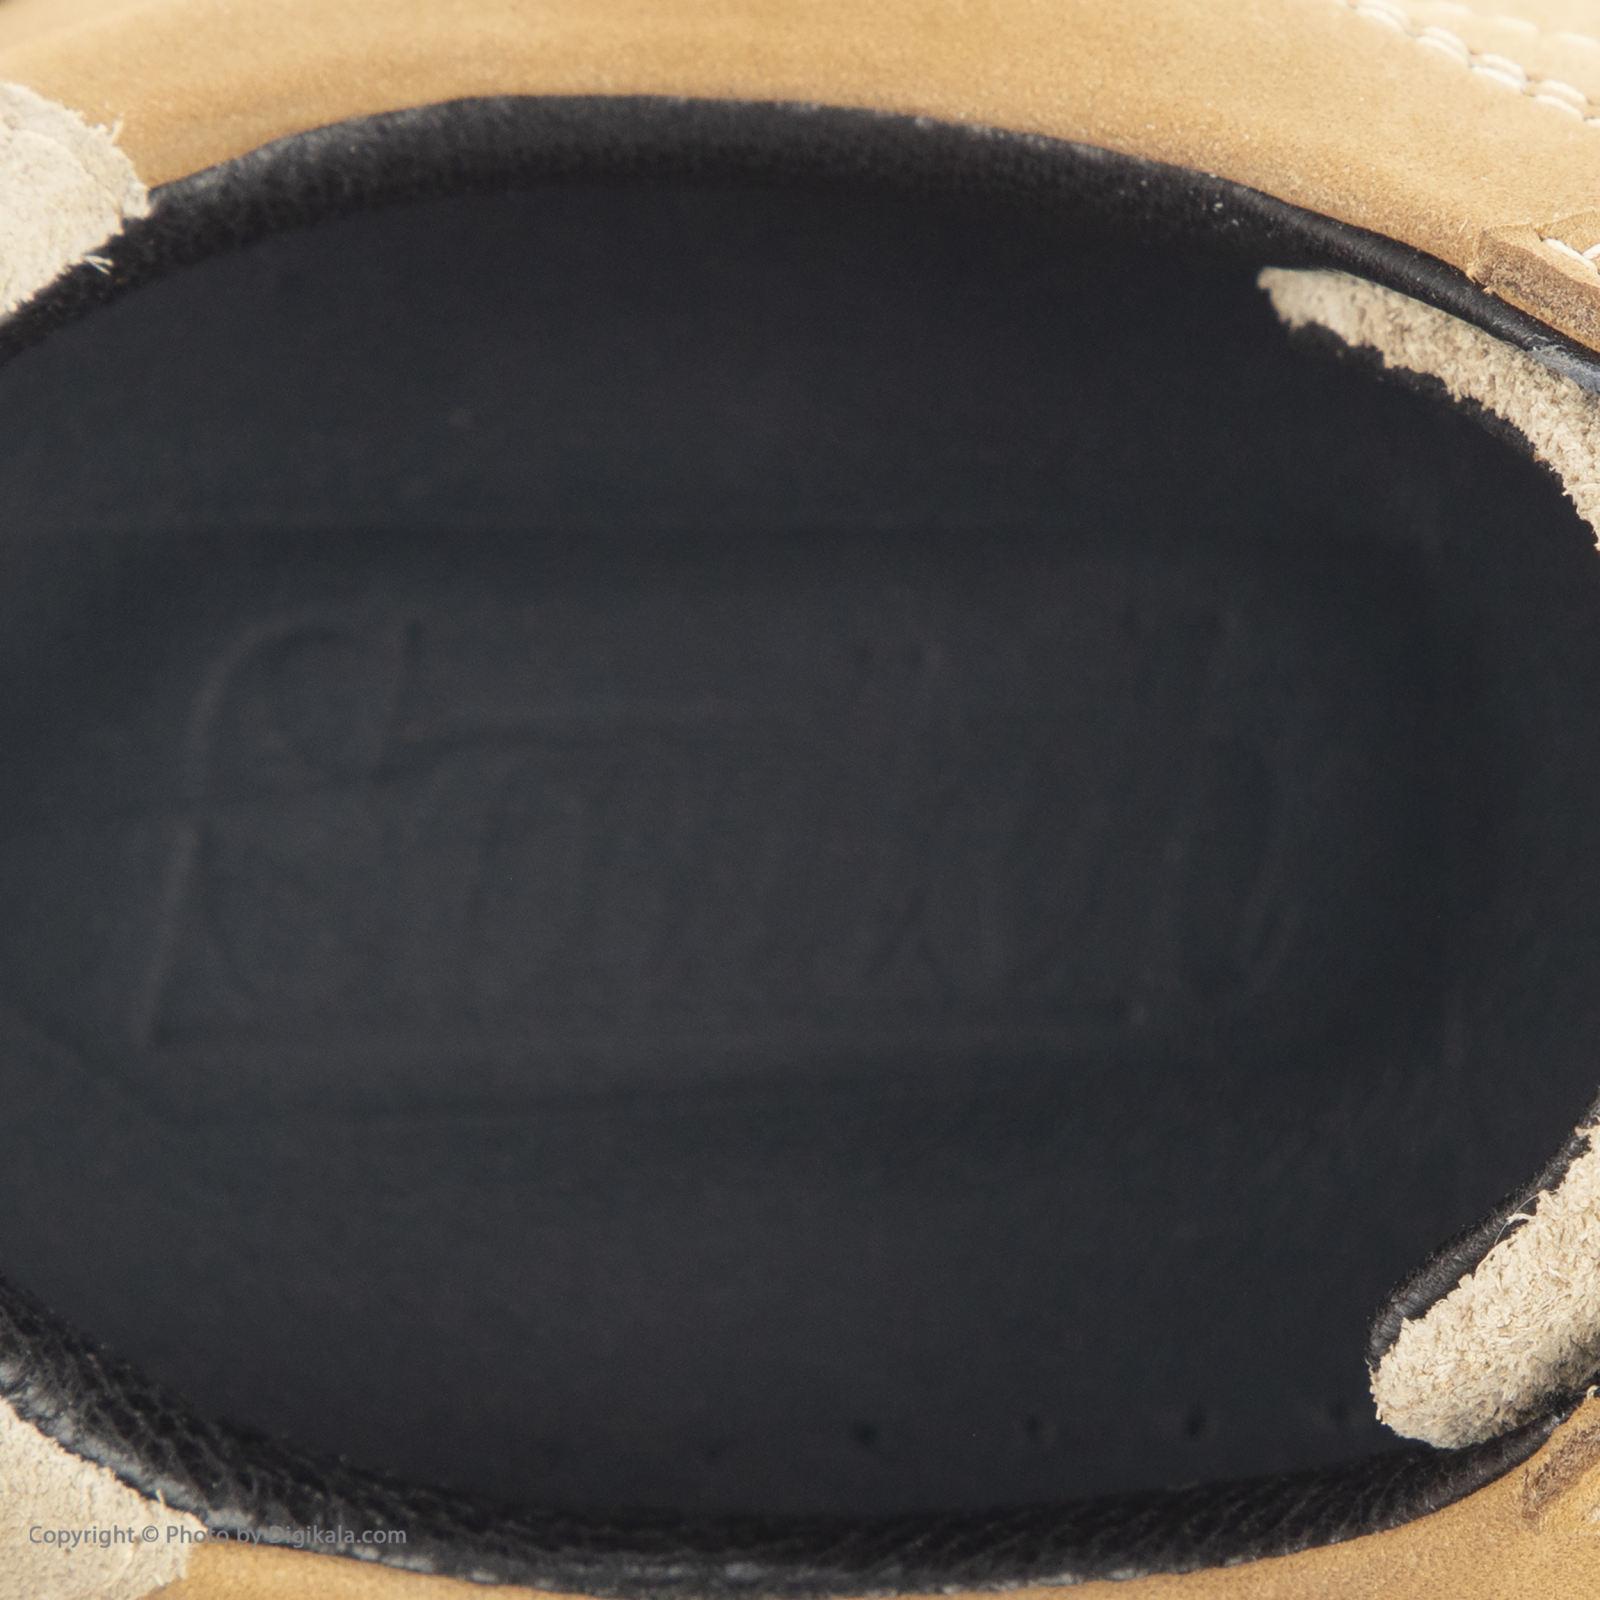 کفش روزمره مردانه سوته مدل 5059D503136 -  - 10